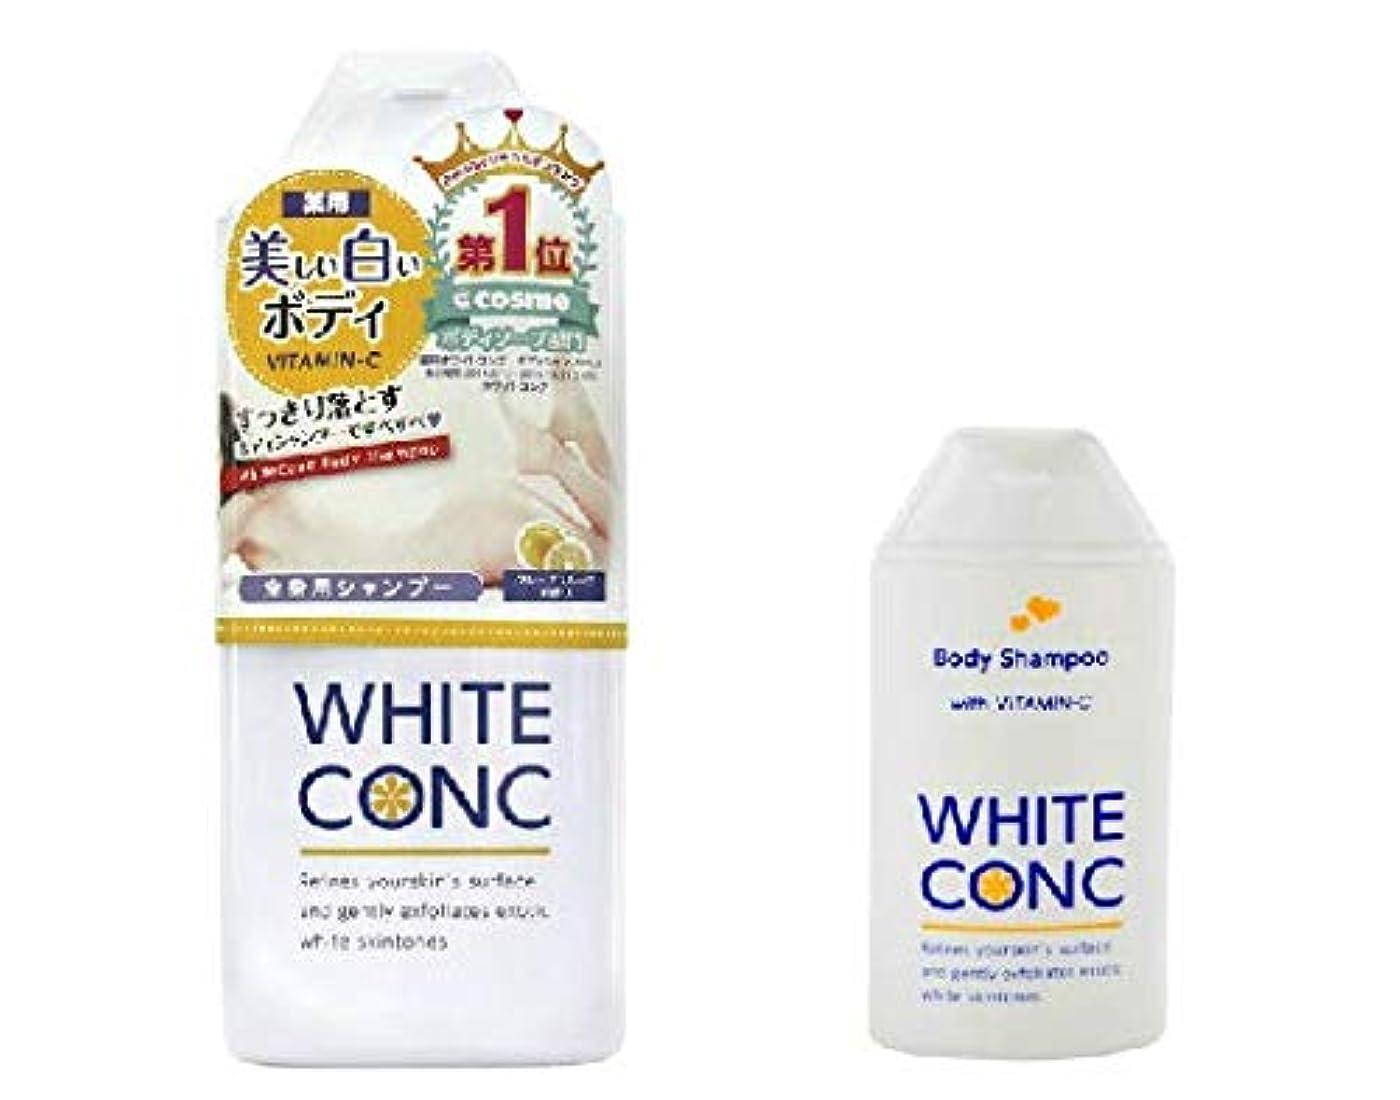 地獄脱臼する山積みの【WHITE CONC(ホワイトコンク)】 ボディシャンプーC Ⅱ_360mL1本&150mL1本